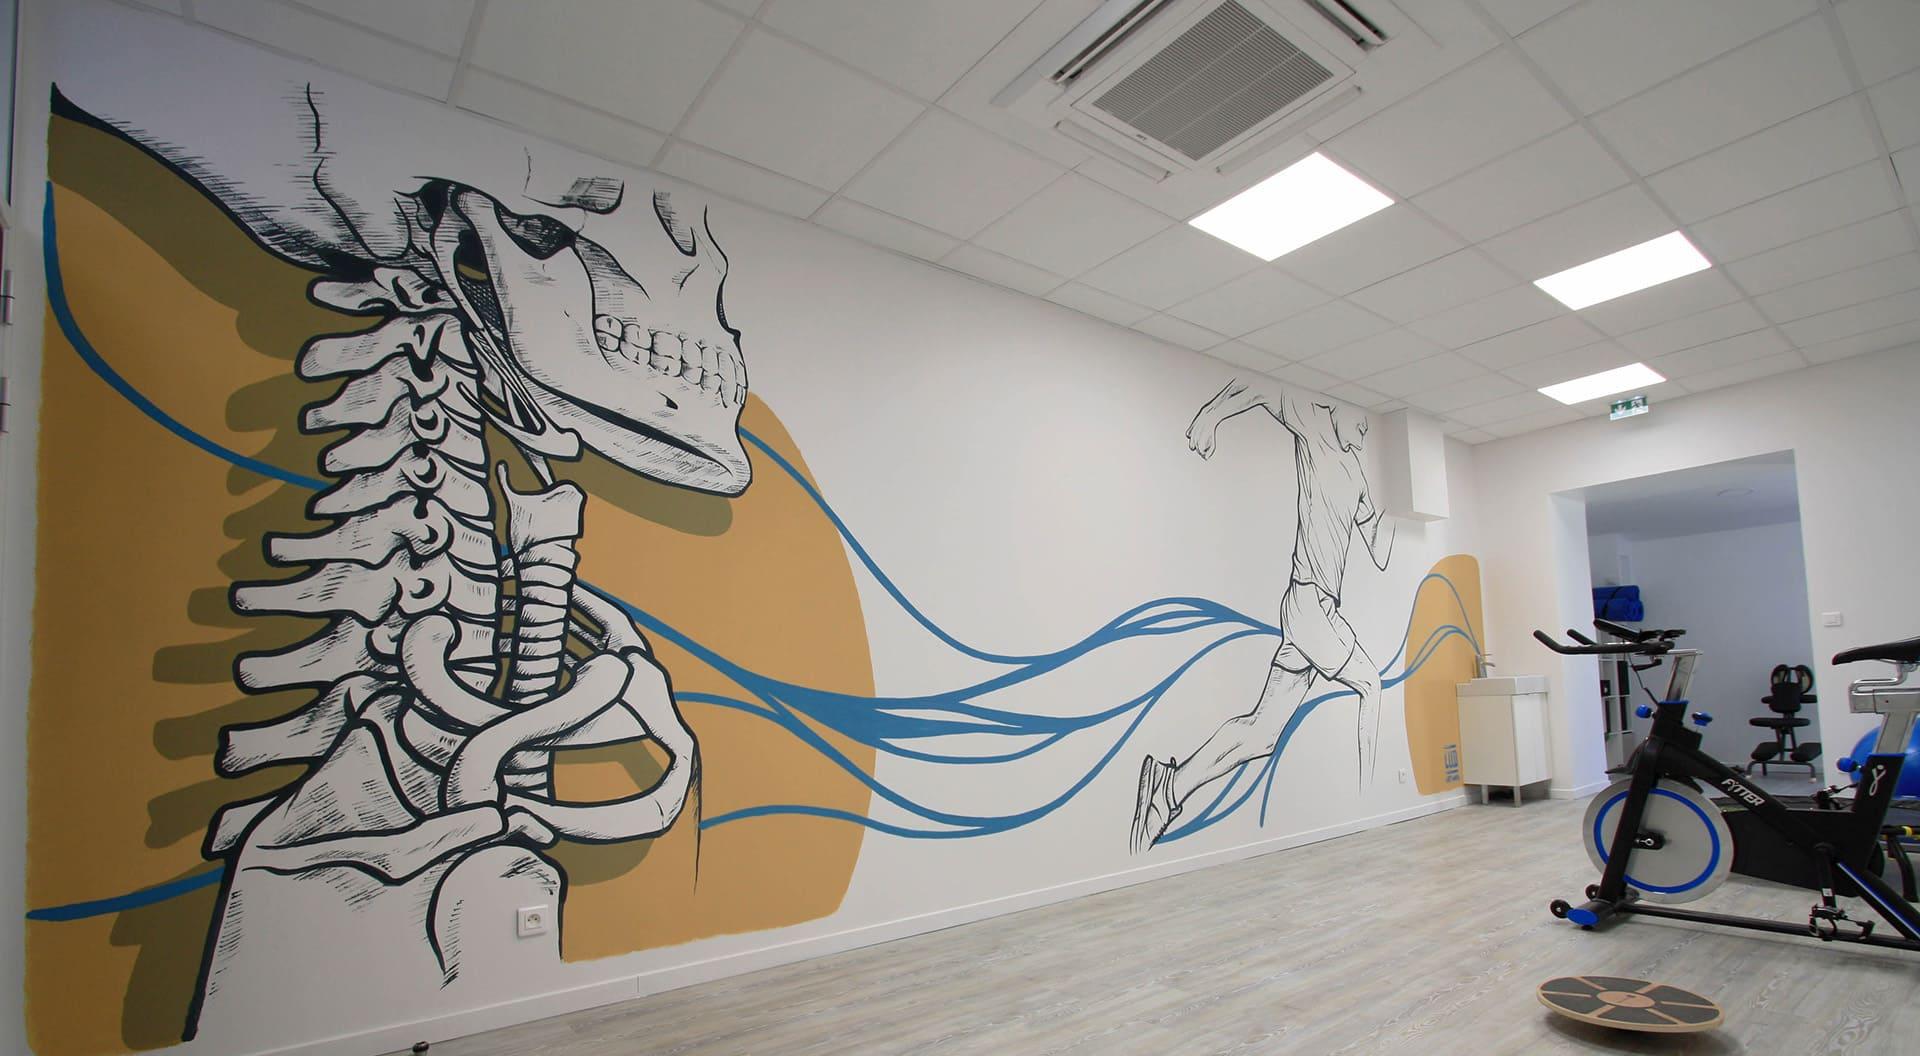 peinture murale squelette anatomie reeducation design courreur